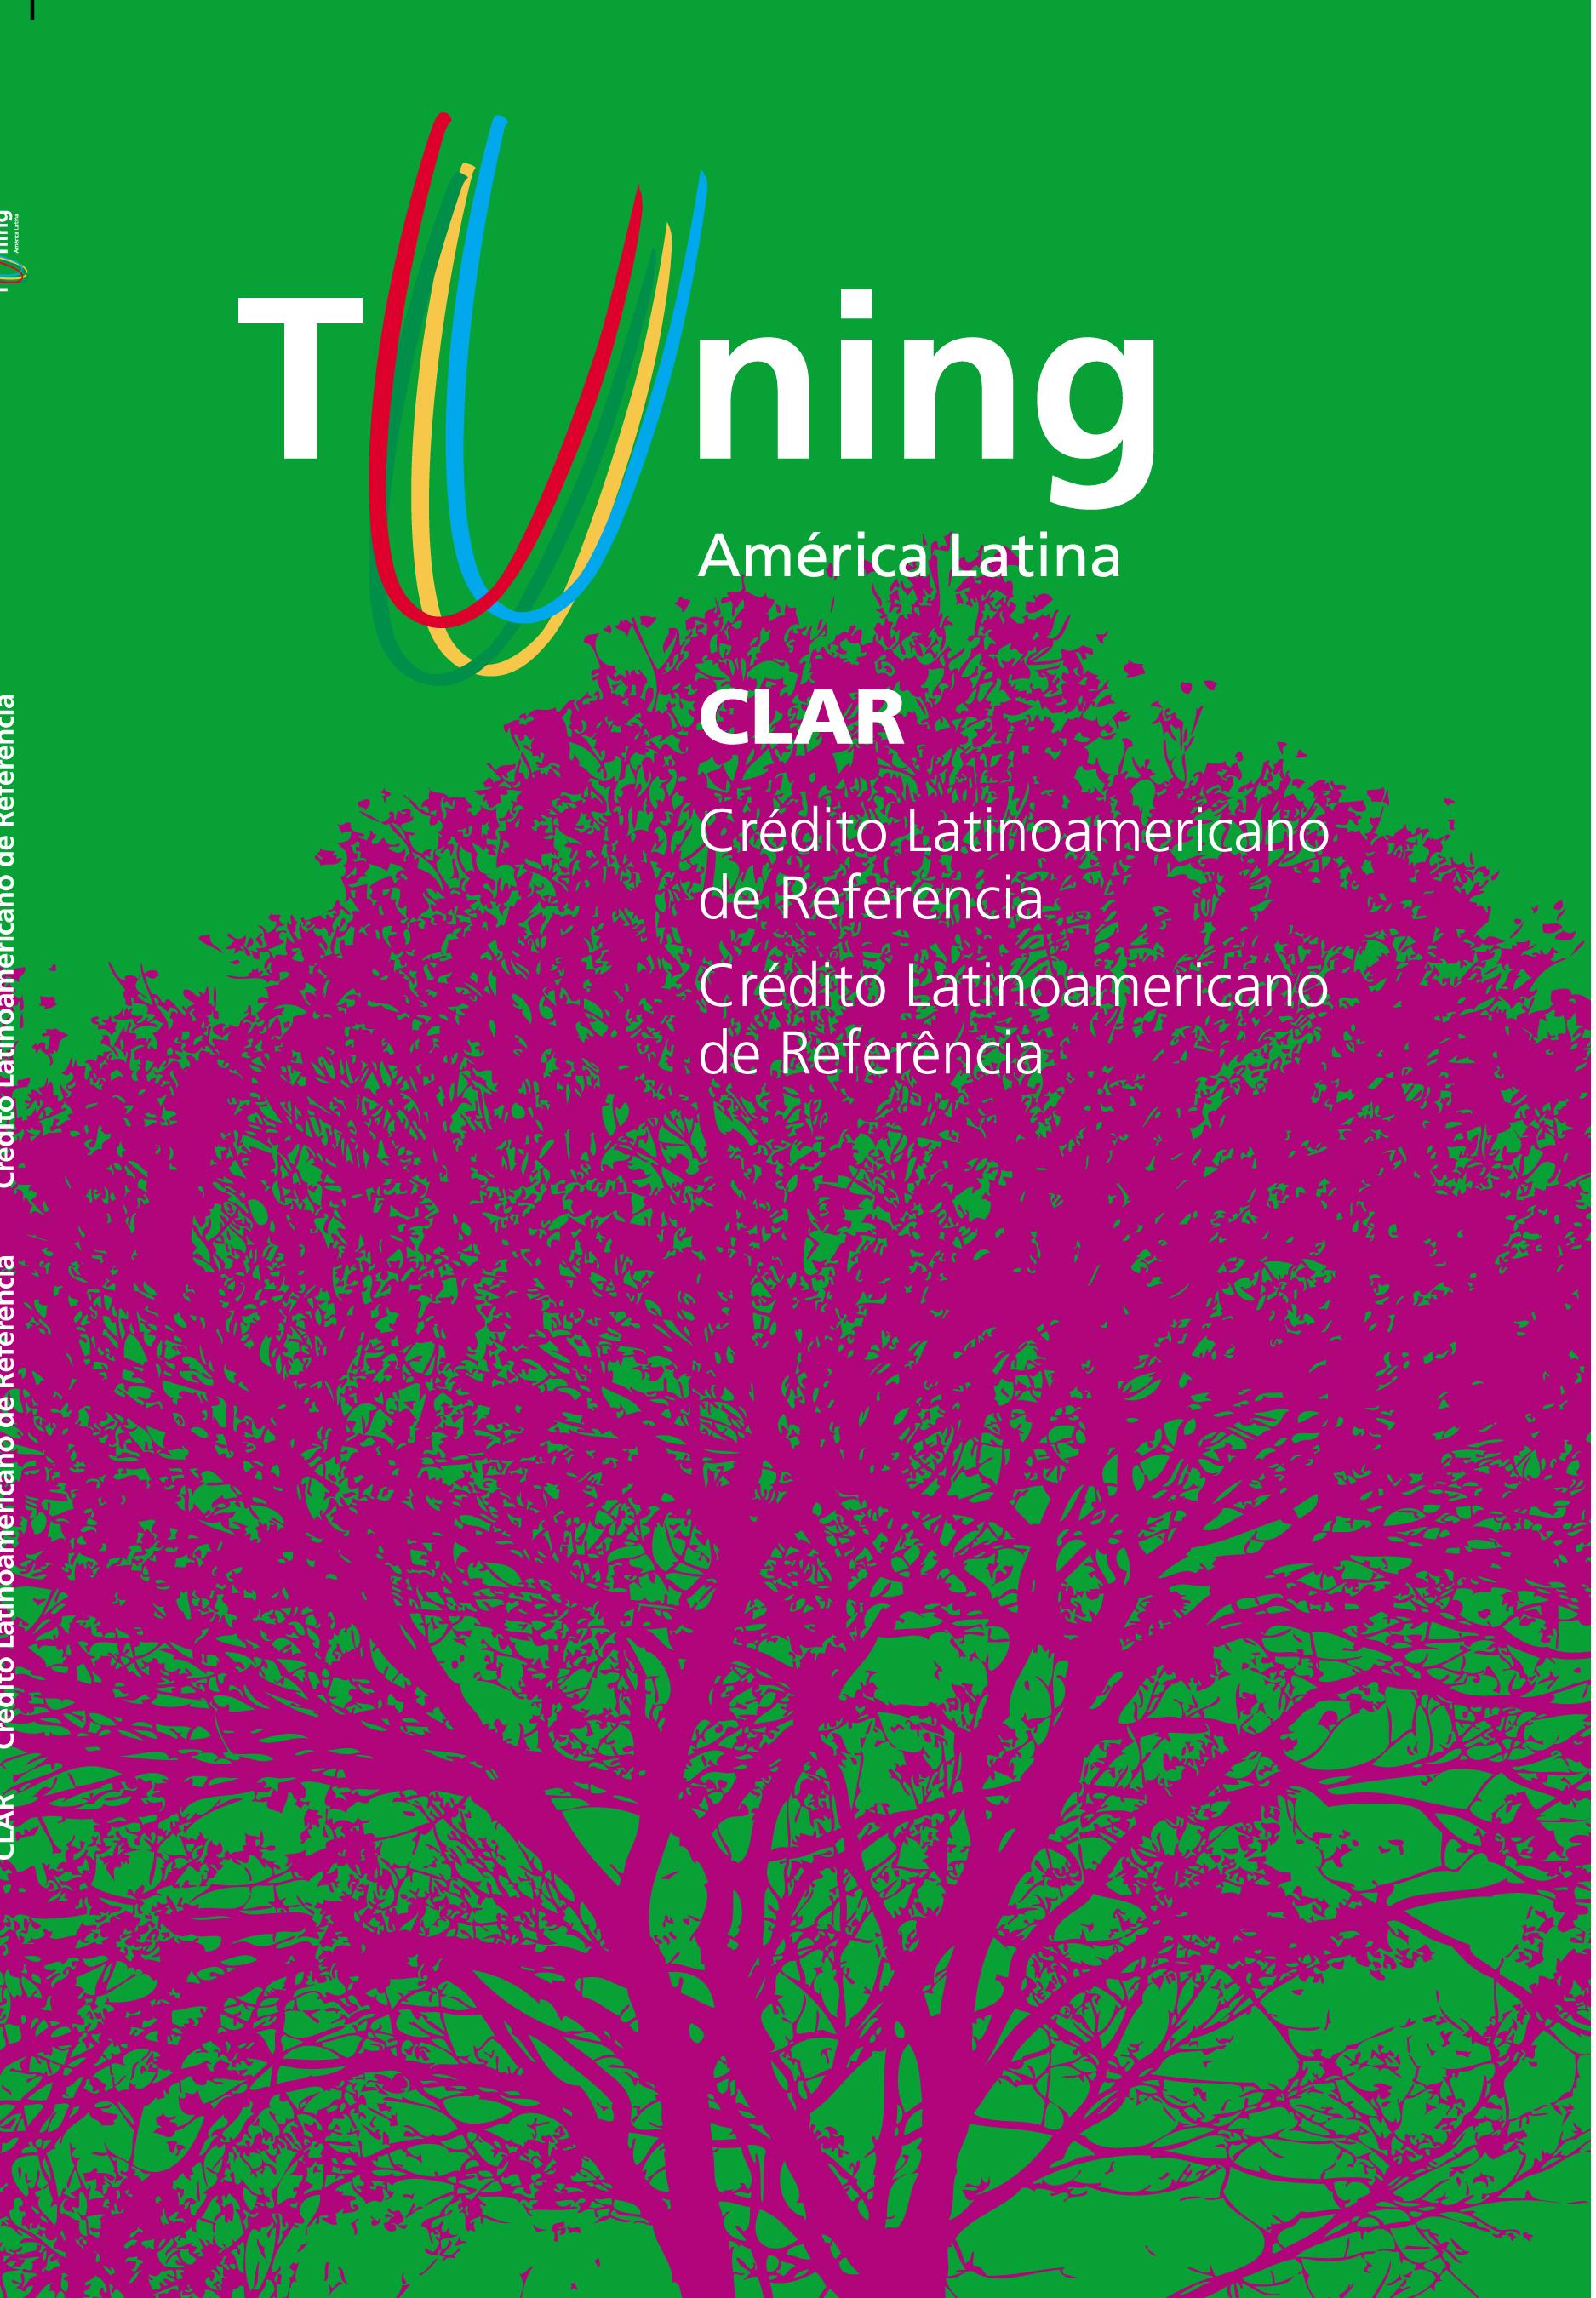 CLAR - Crédito Latinoamericano de Referência (Espanhol e Português)